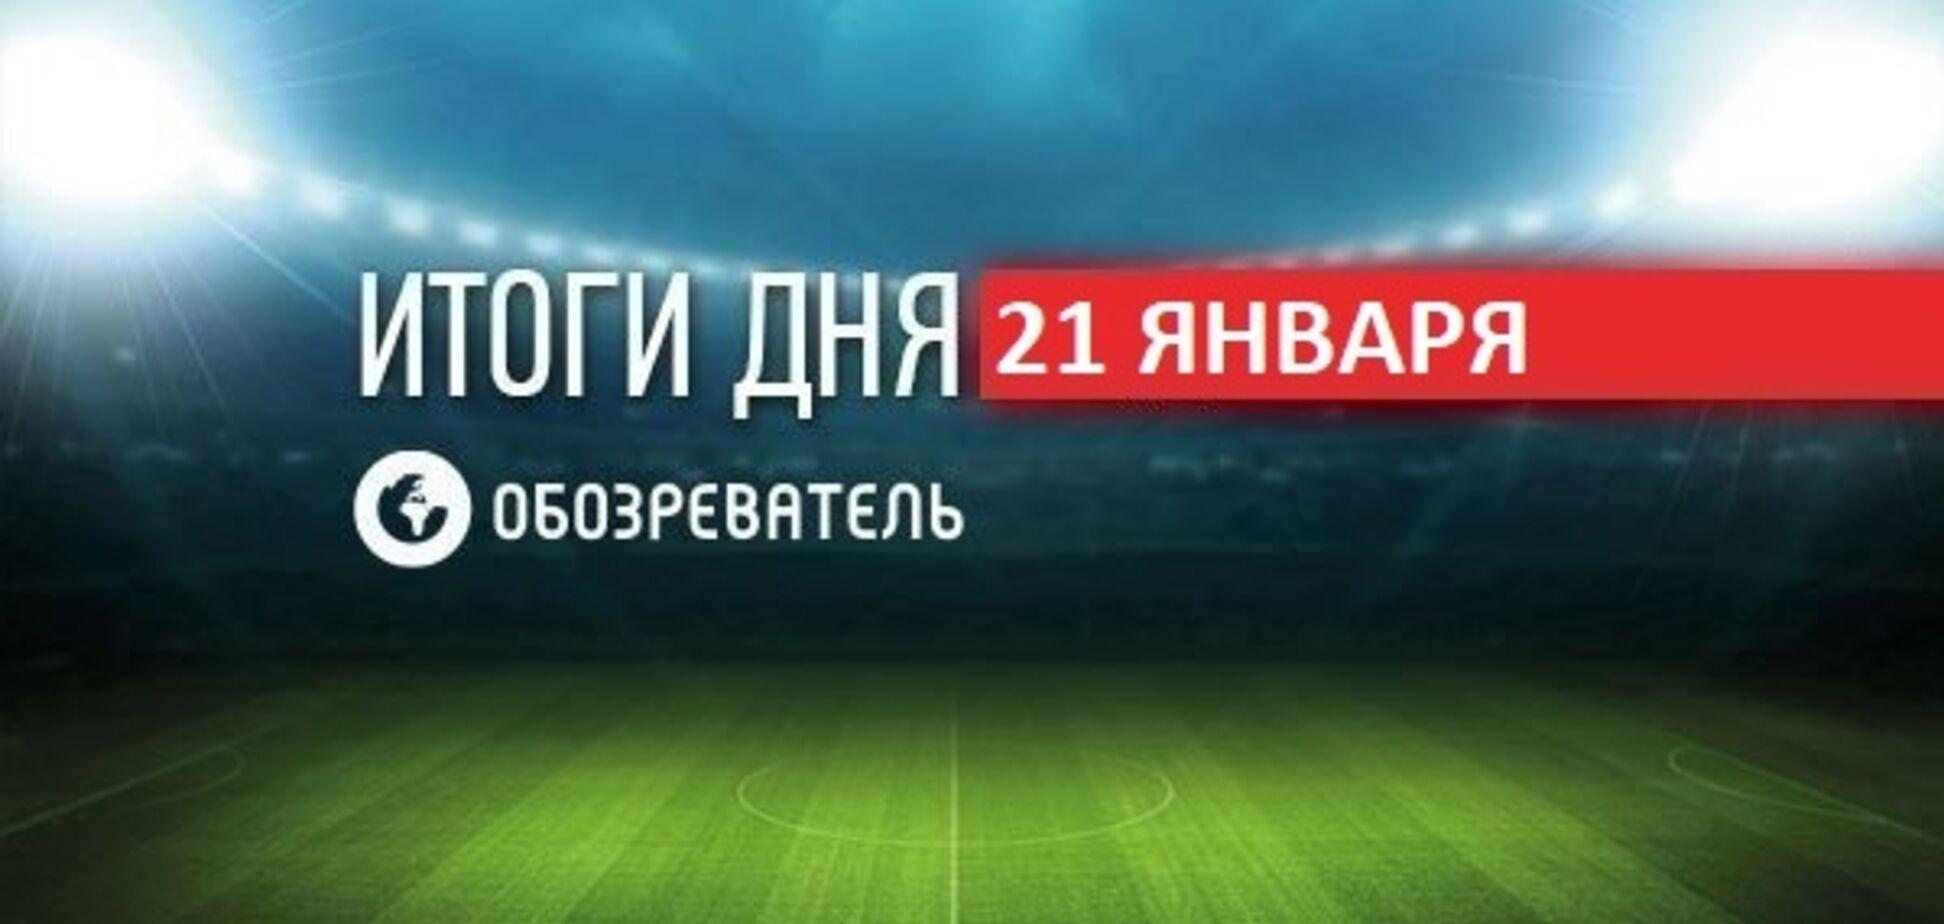 В России арестовали бойца ММА Емельяненко: спортивные итоги 21 января